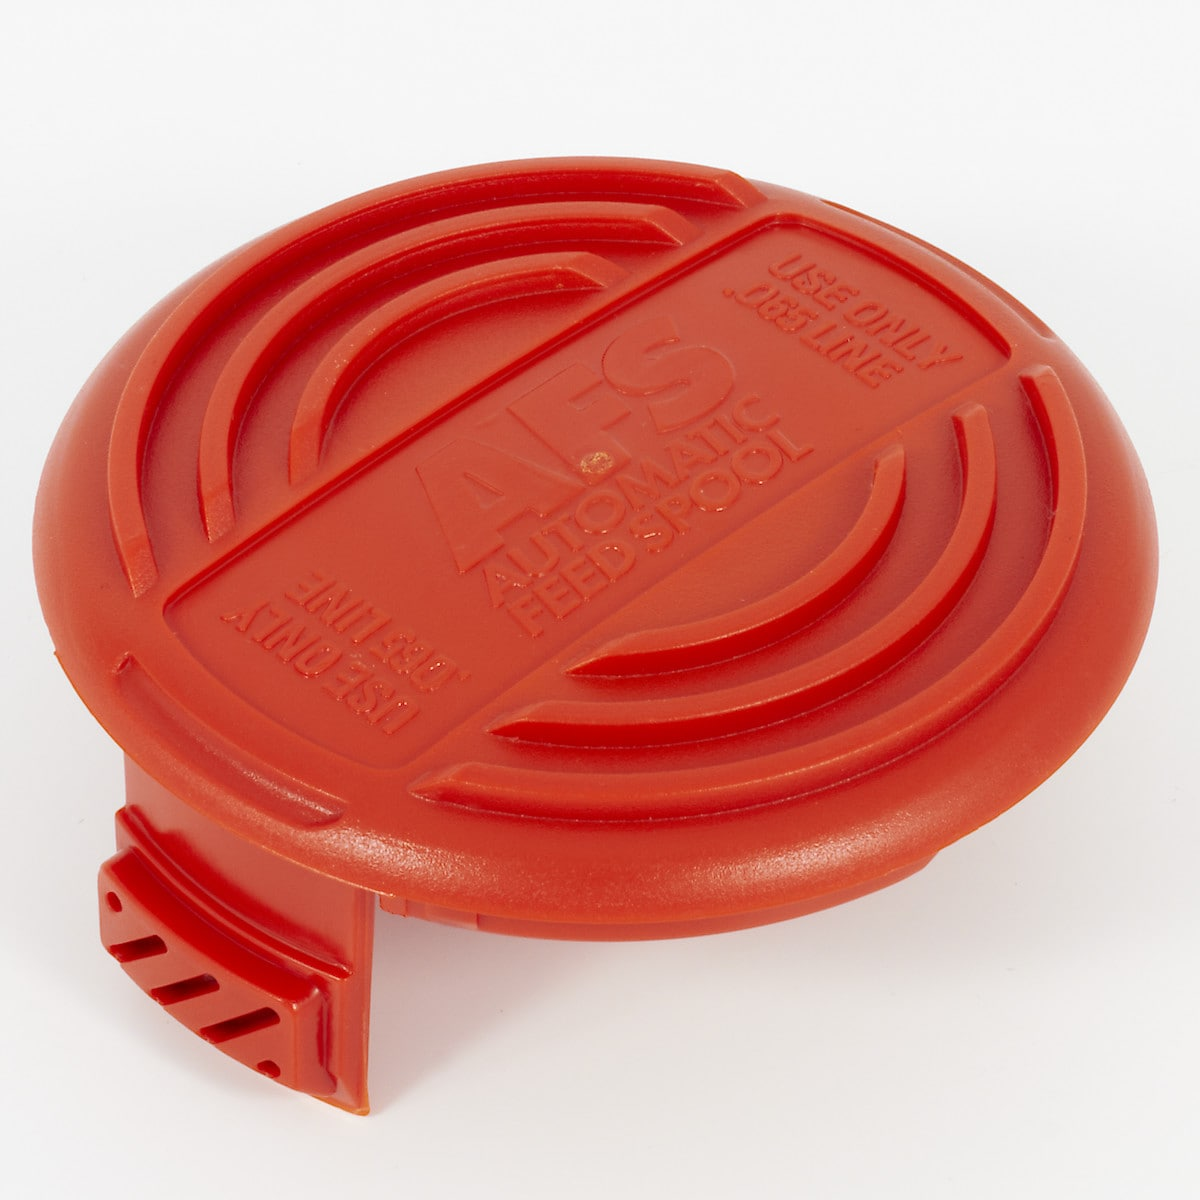 Lock för trådkassett B&D 385022-03